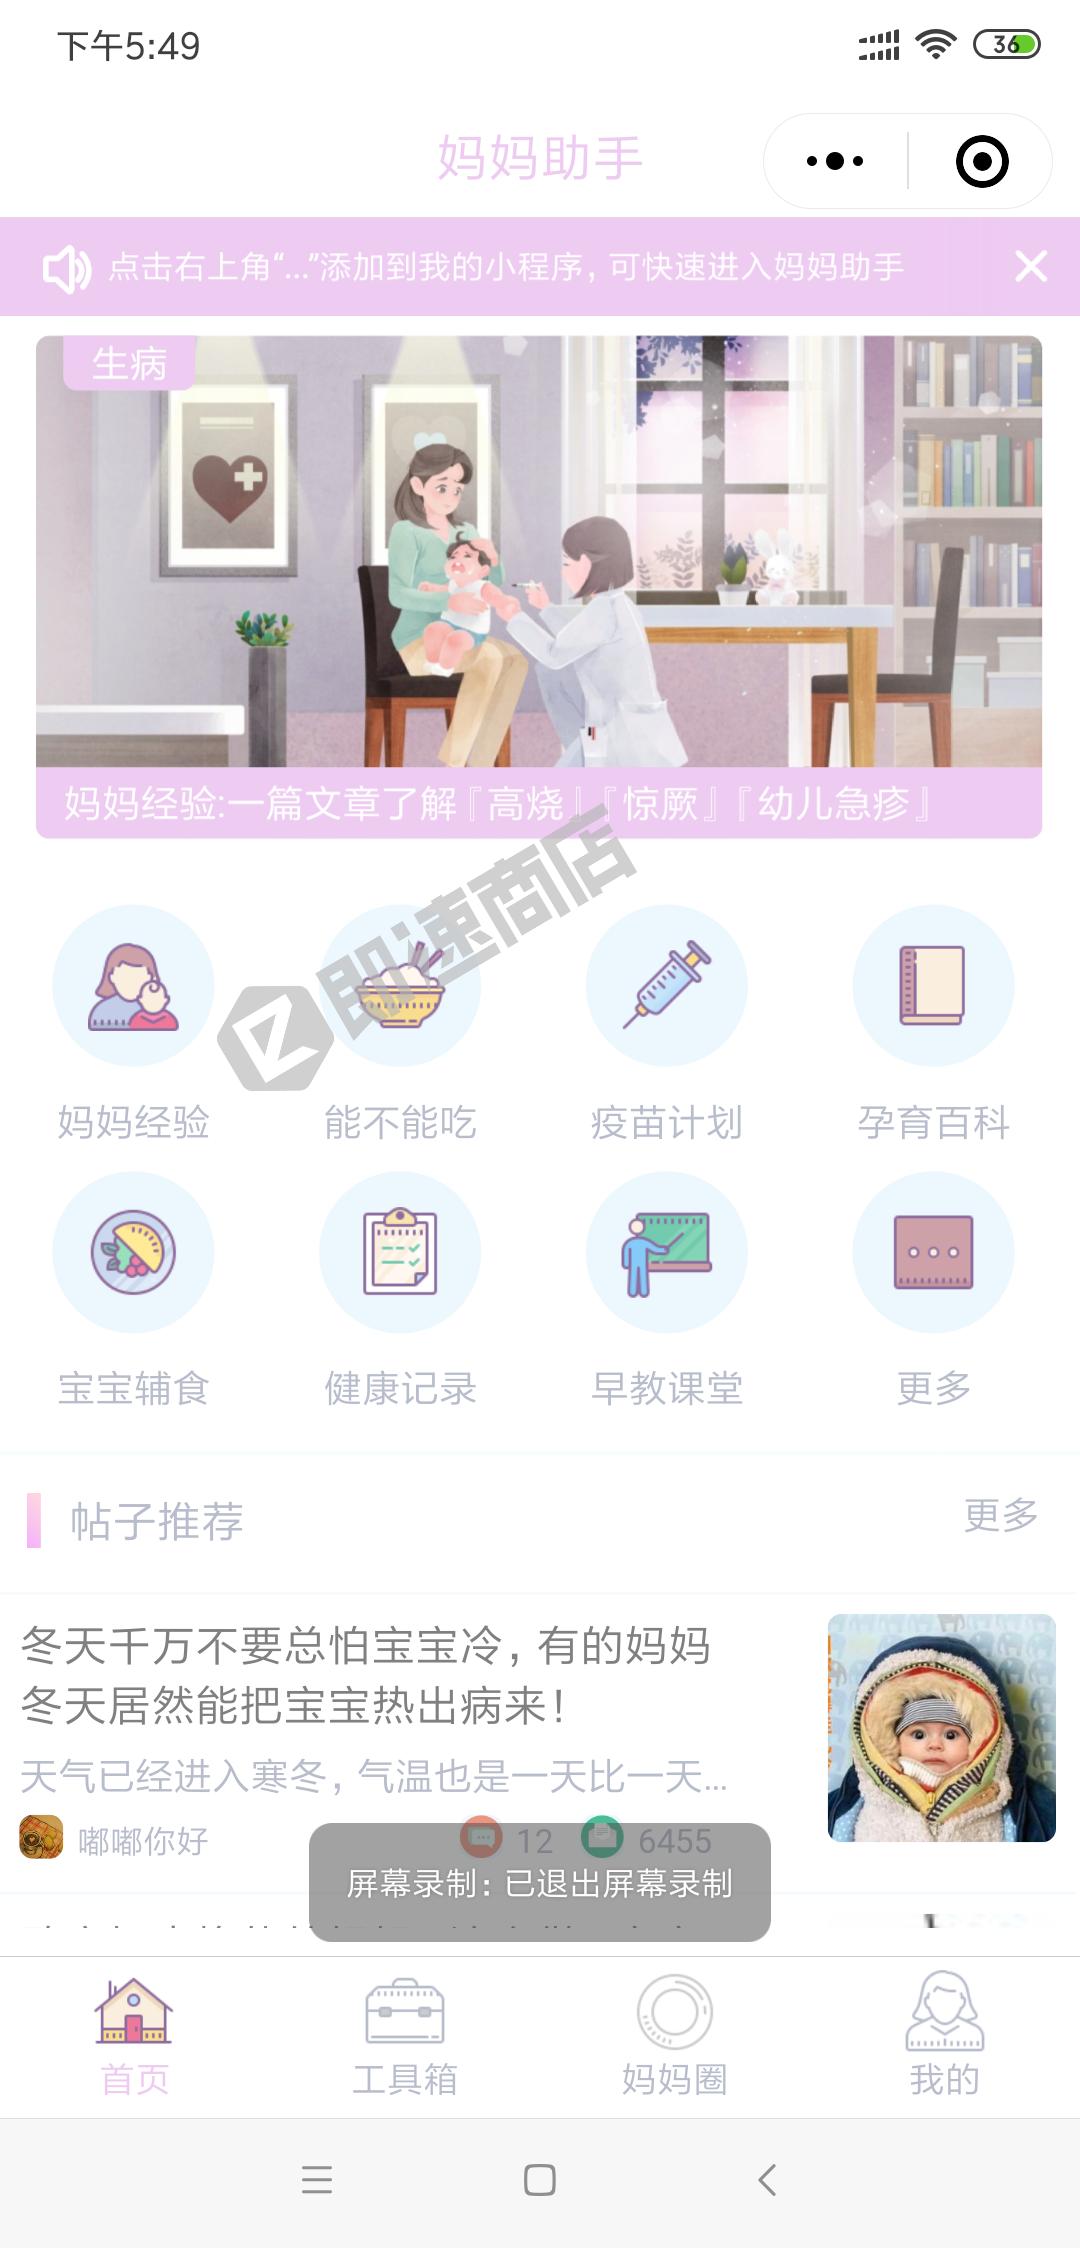 妈妈助手宝宝的健康纪录孩子教育小程序首页截图